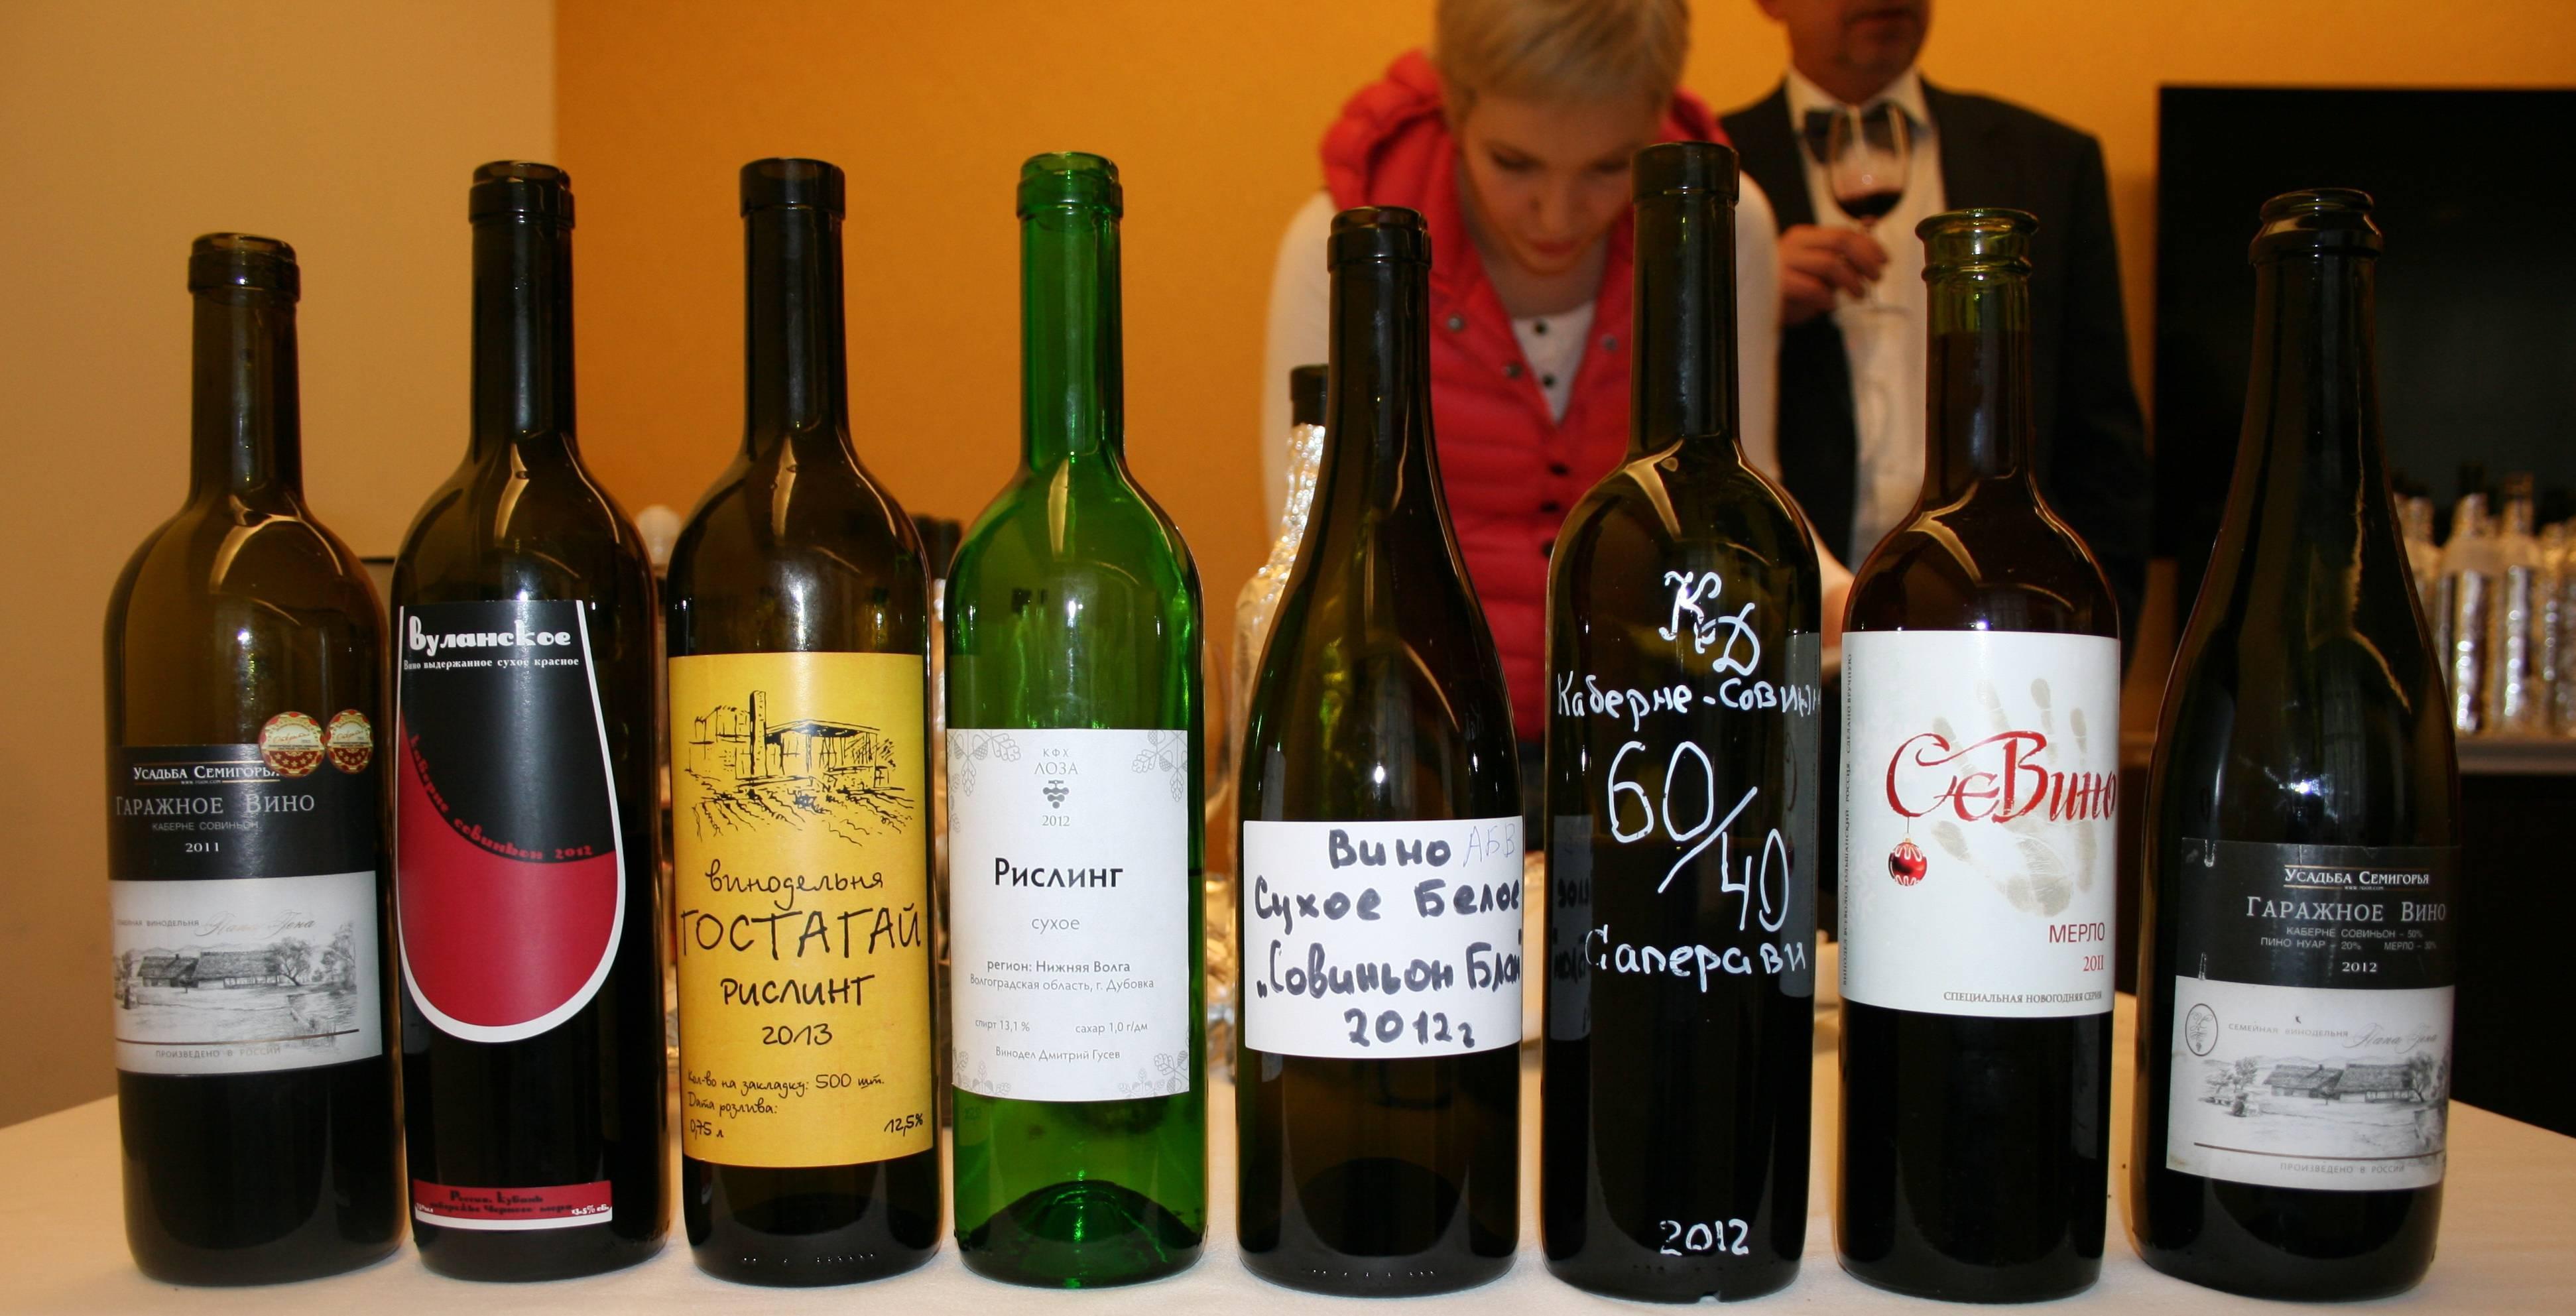 Правильное вино: где купить и как выбрать | в каких магазинах покупать вино?